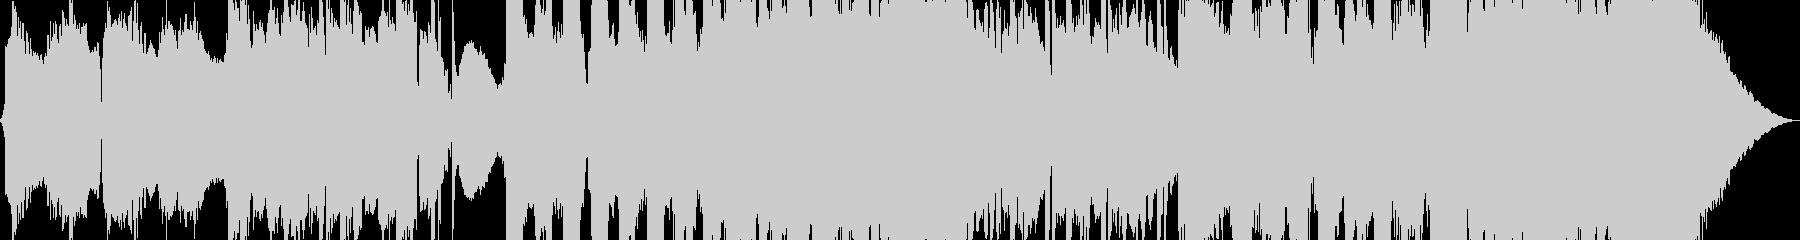 Slow Rock's unreproduced waveform